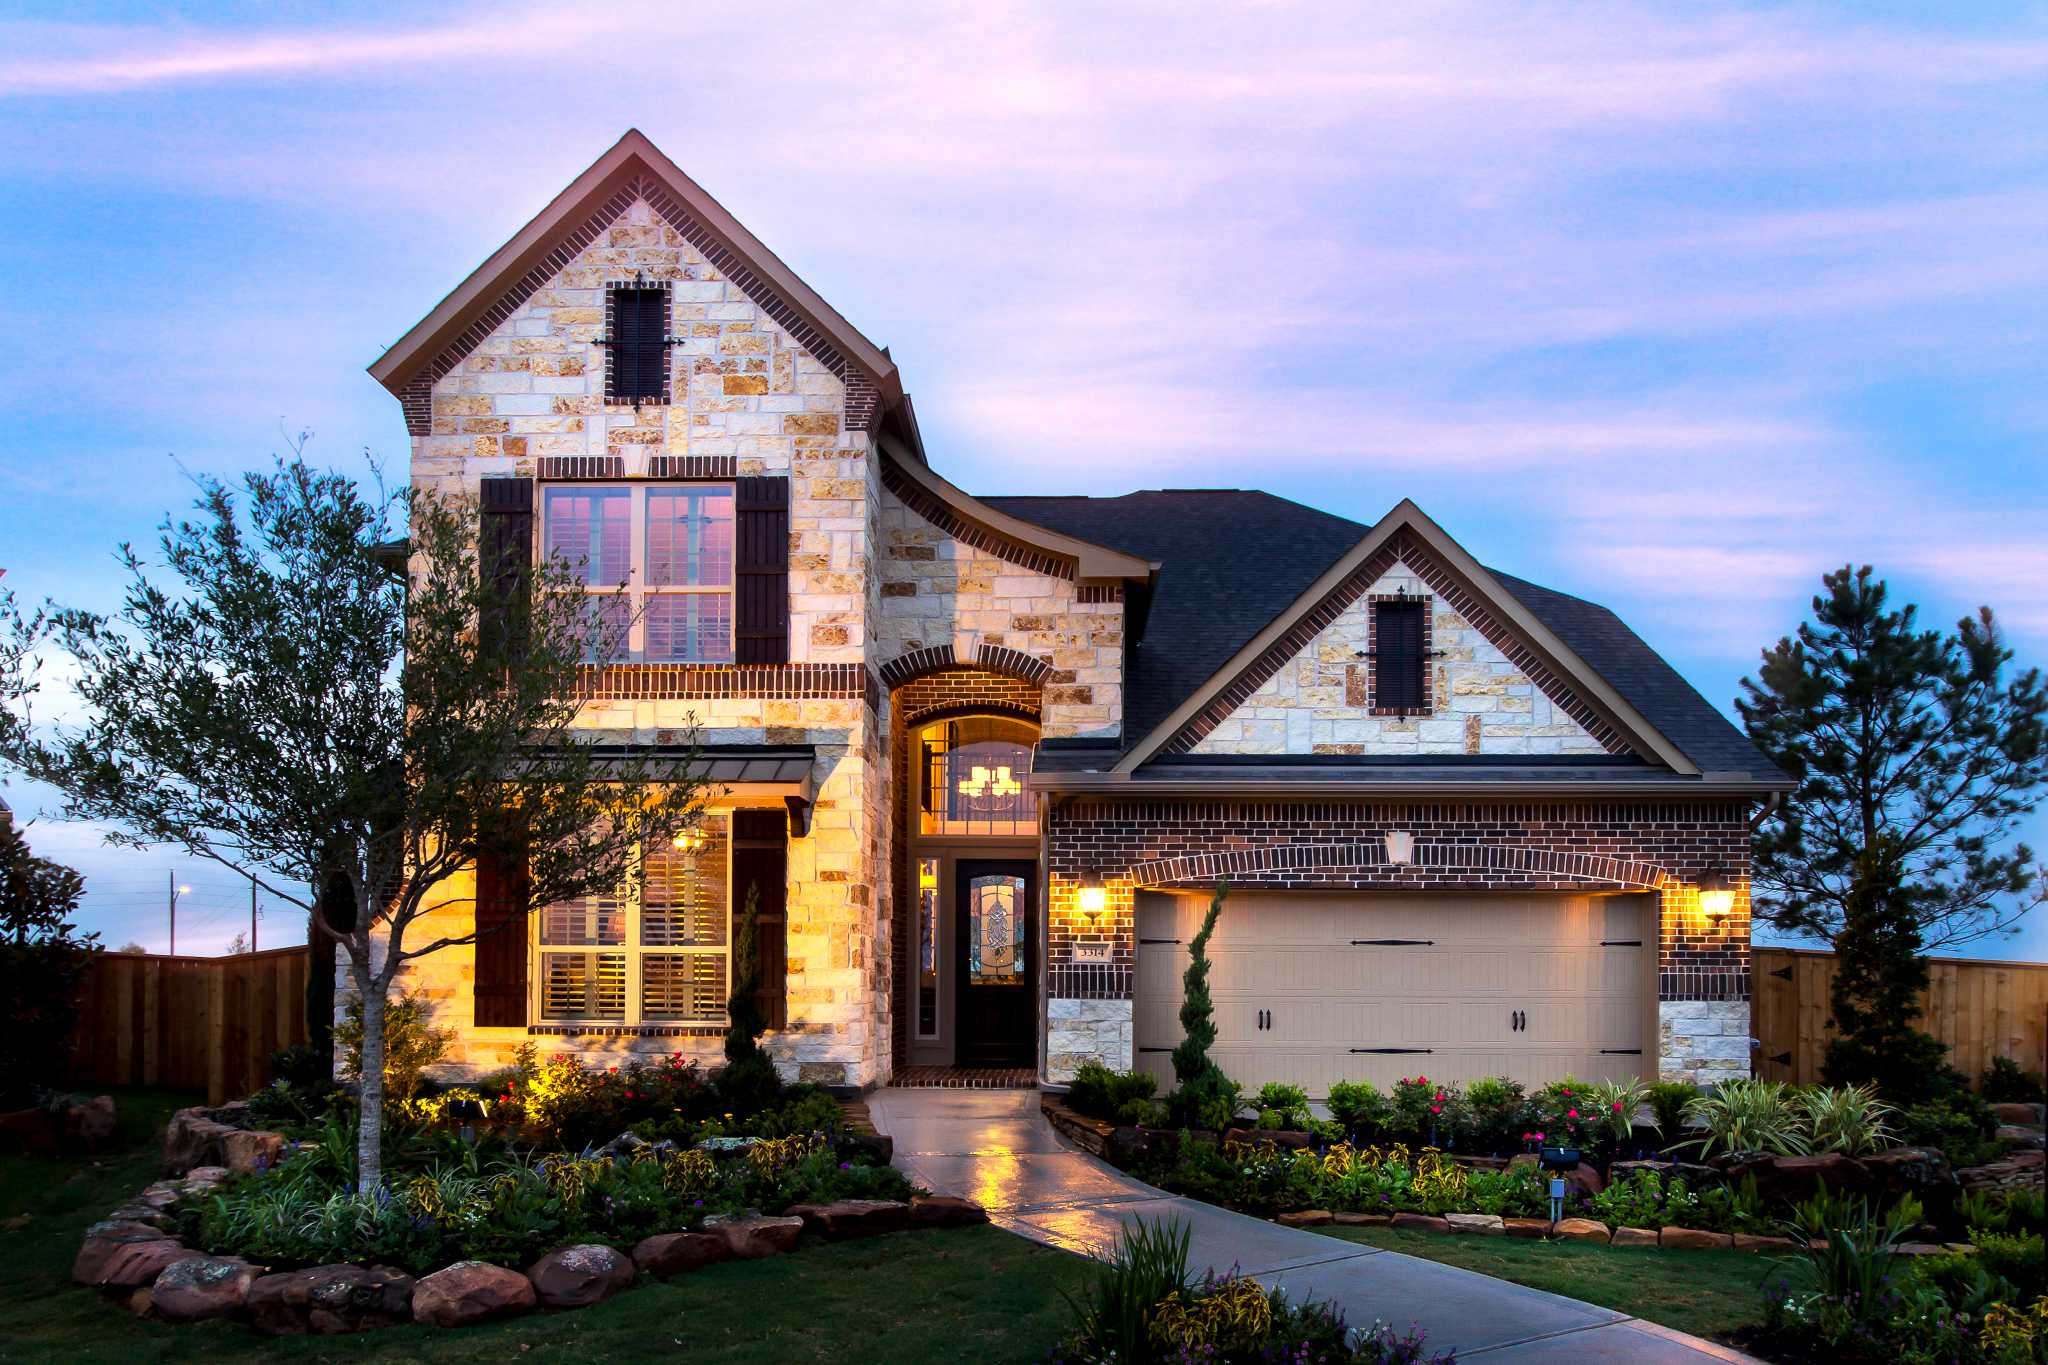 Cinco Ranch Opens Final Neighborhood Of Westridge Creek   Houston Chronicle